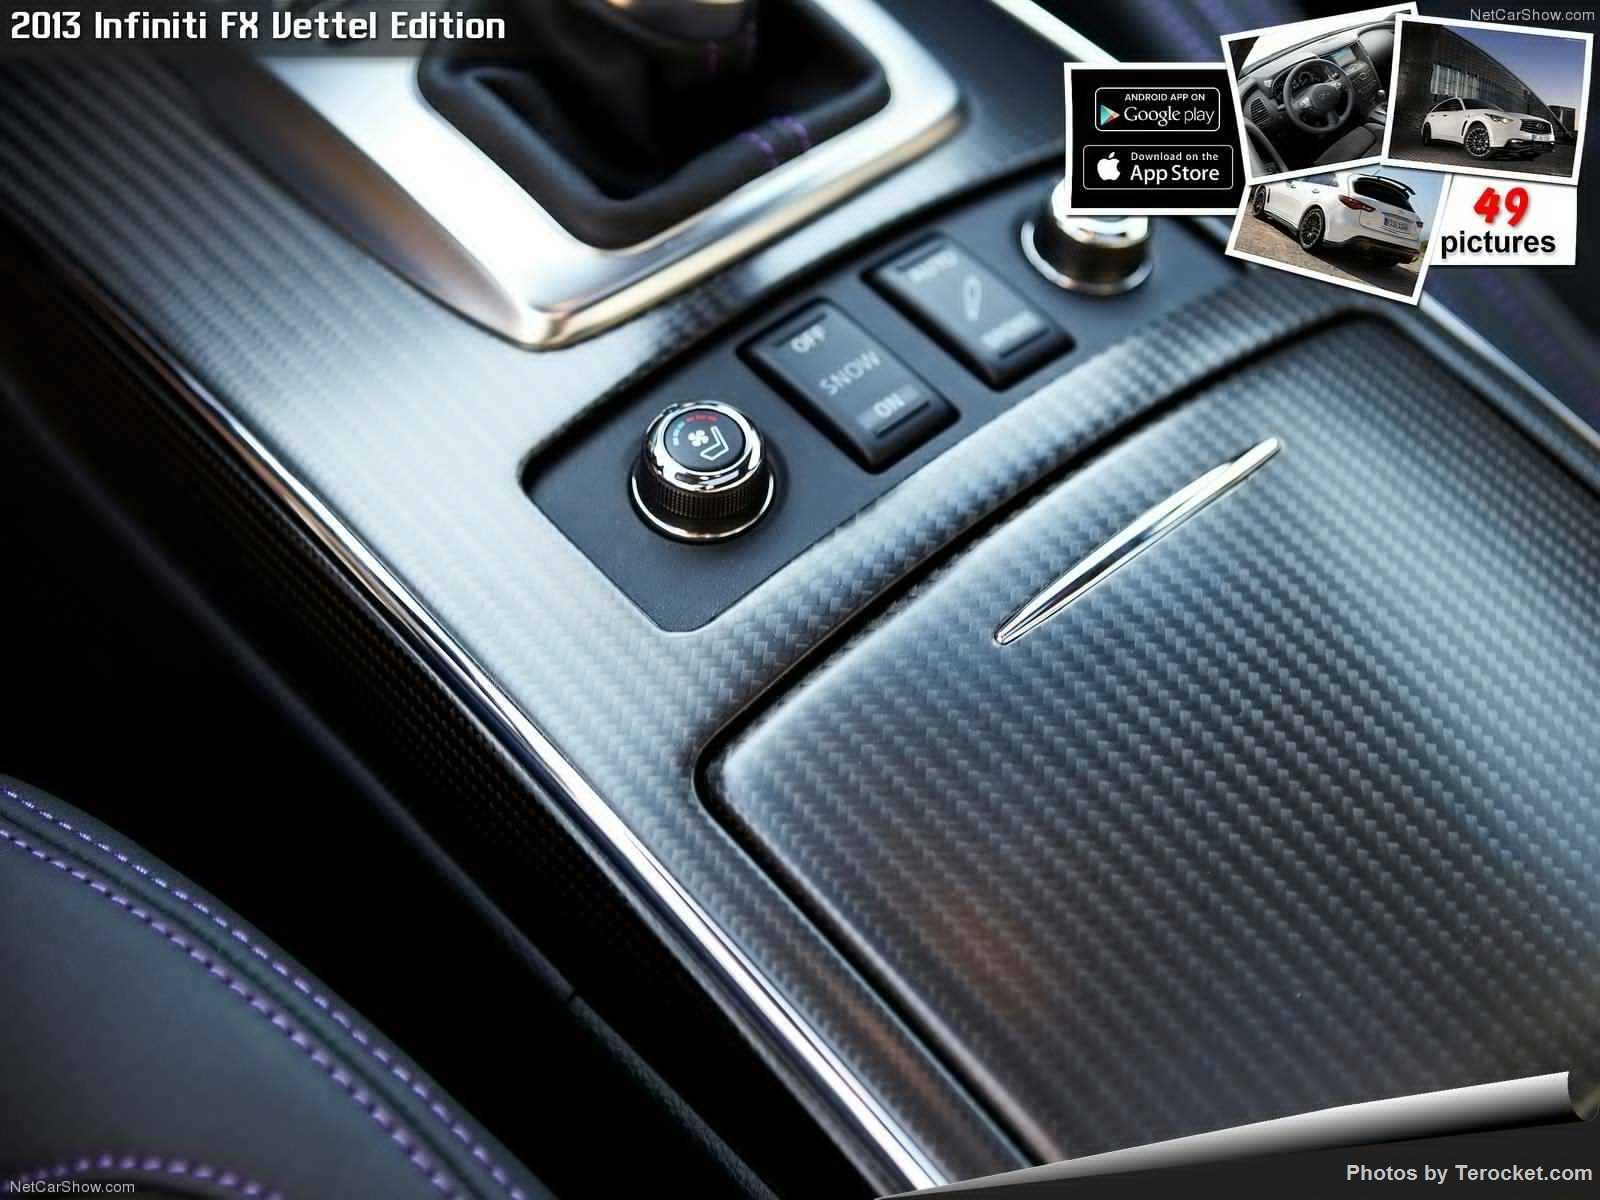 Hình ảnh xe ô tô Infiniti FX Vettel Edition 2013 & nội ngoại thất